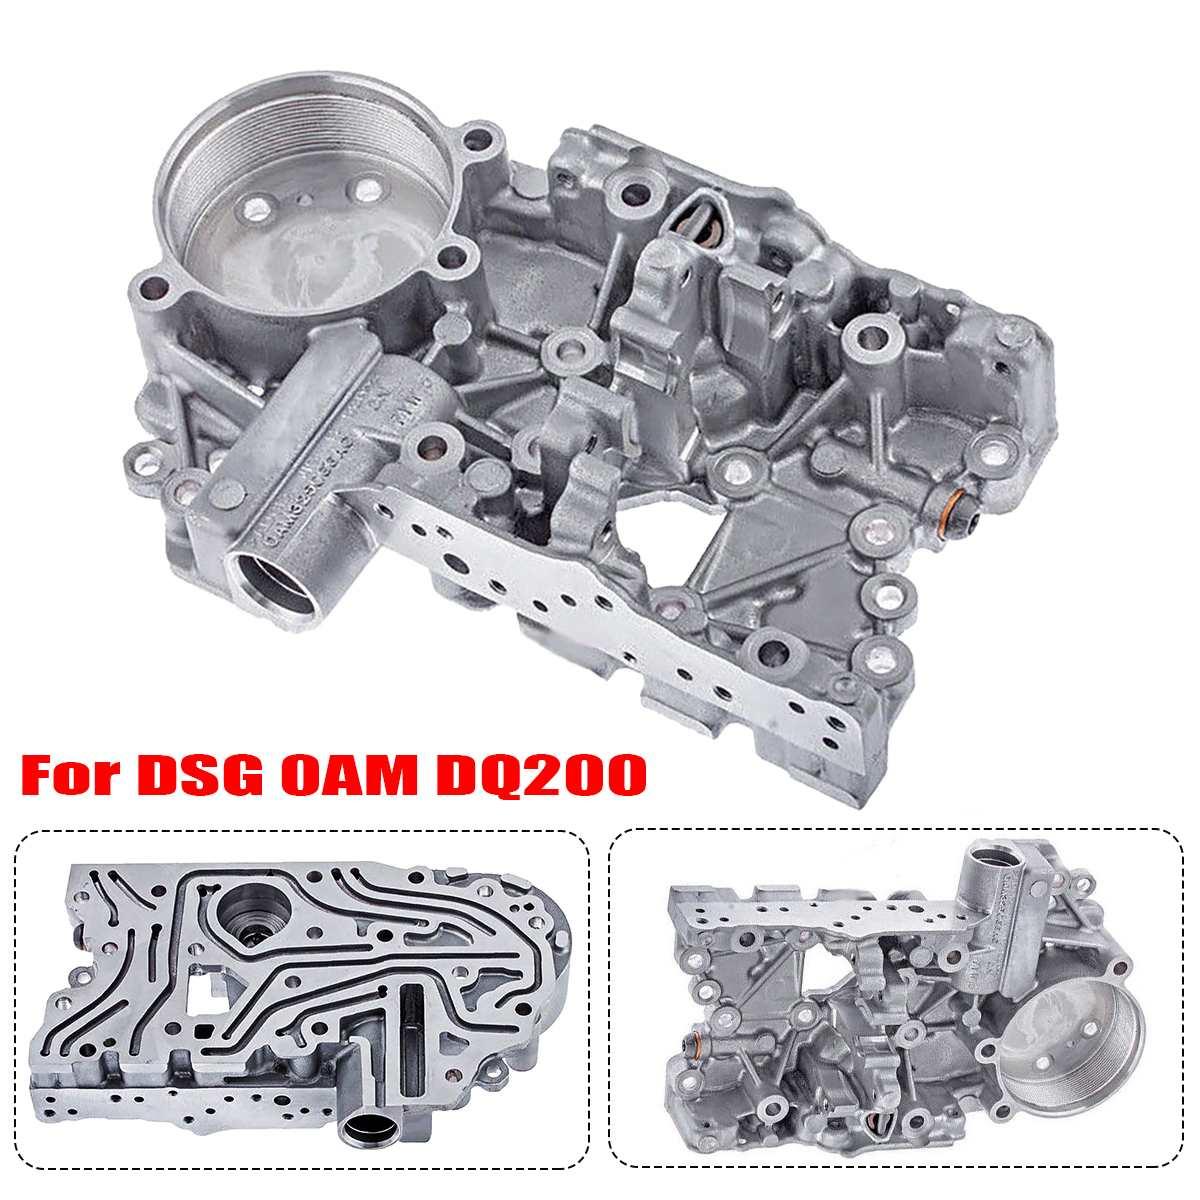 DQ200 DSG Valvebody accumulateur boîtier métal pour Audi/VW Auto pièces de rechange 0AM325066AC 0AM325066C 0AM325066R